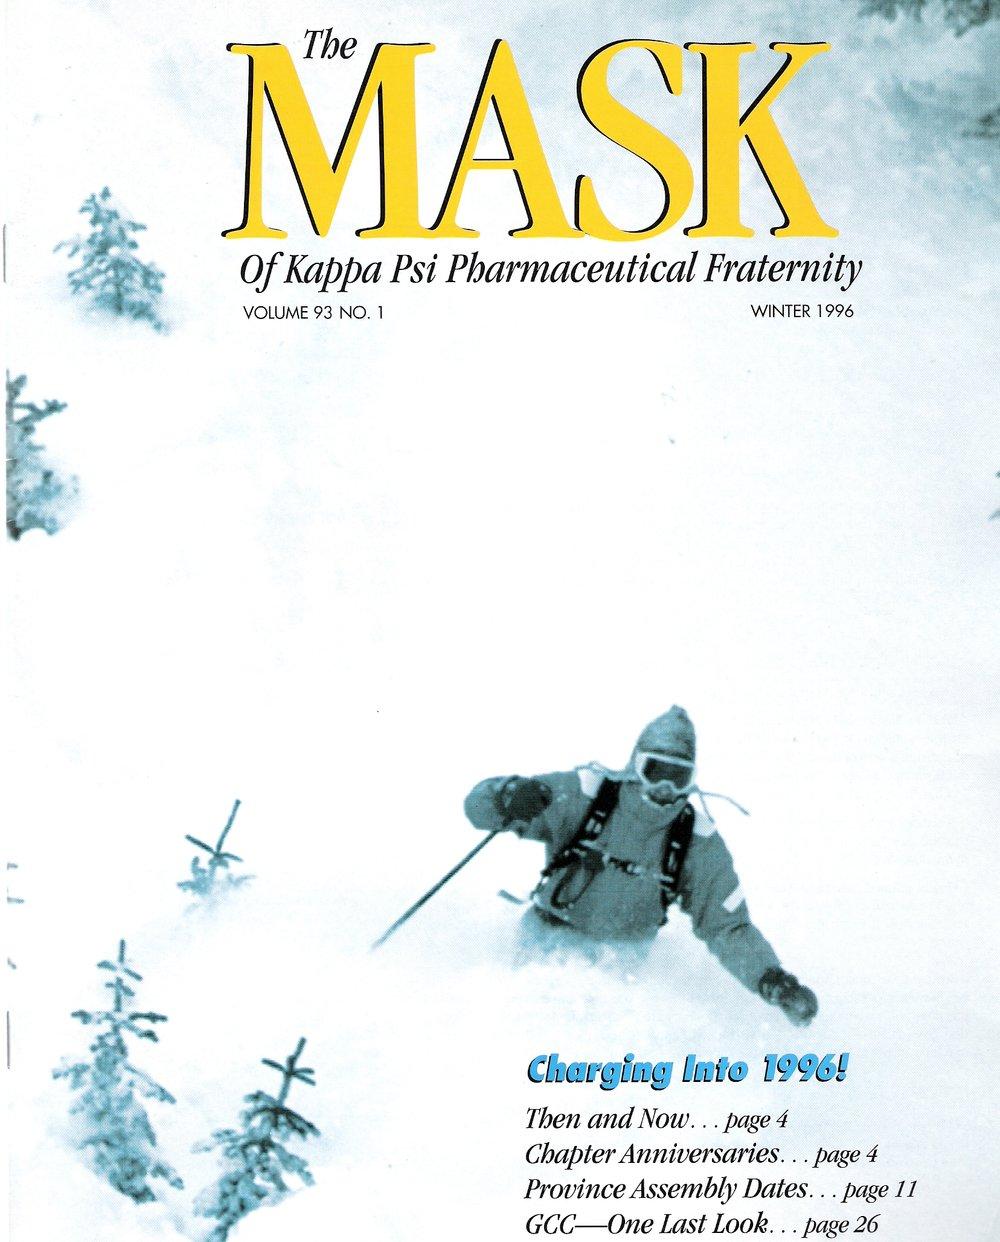 mask_cover_12_1996.jpg